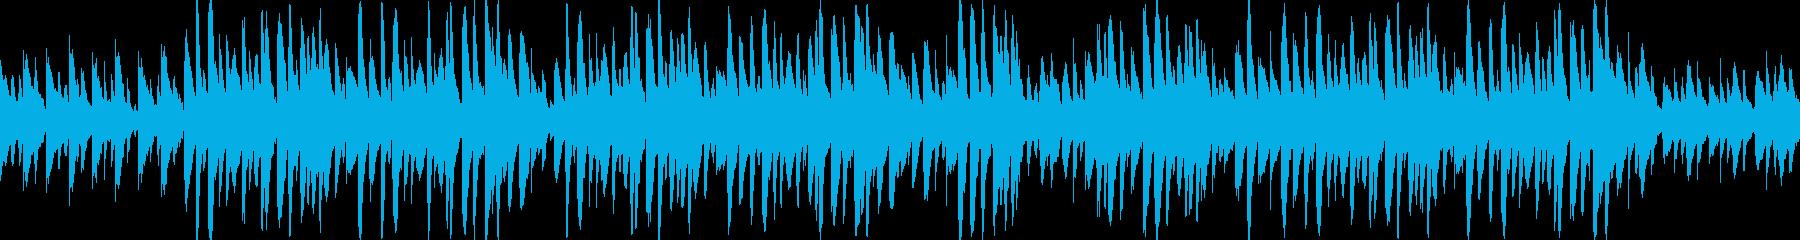 ほのぼの・メルヘン・マリンバの再生済みの波形